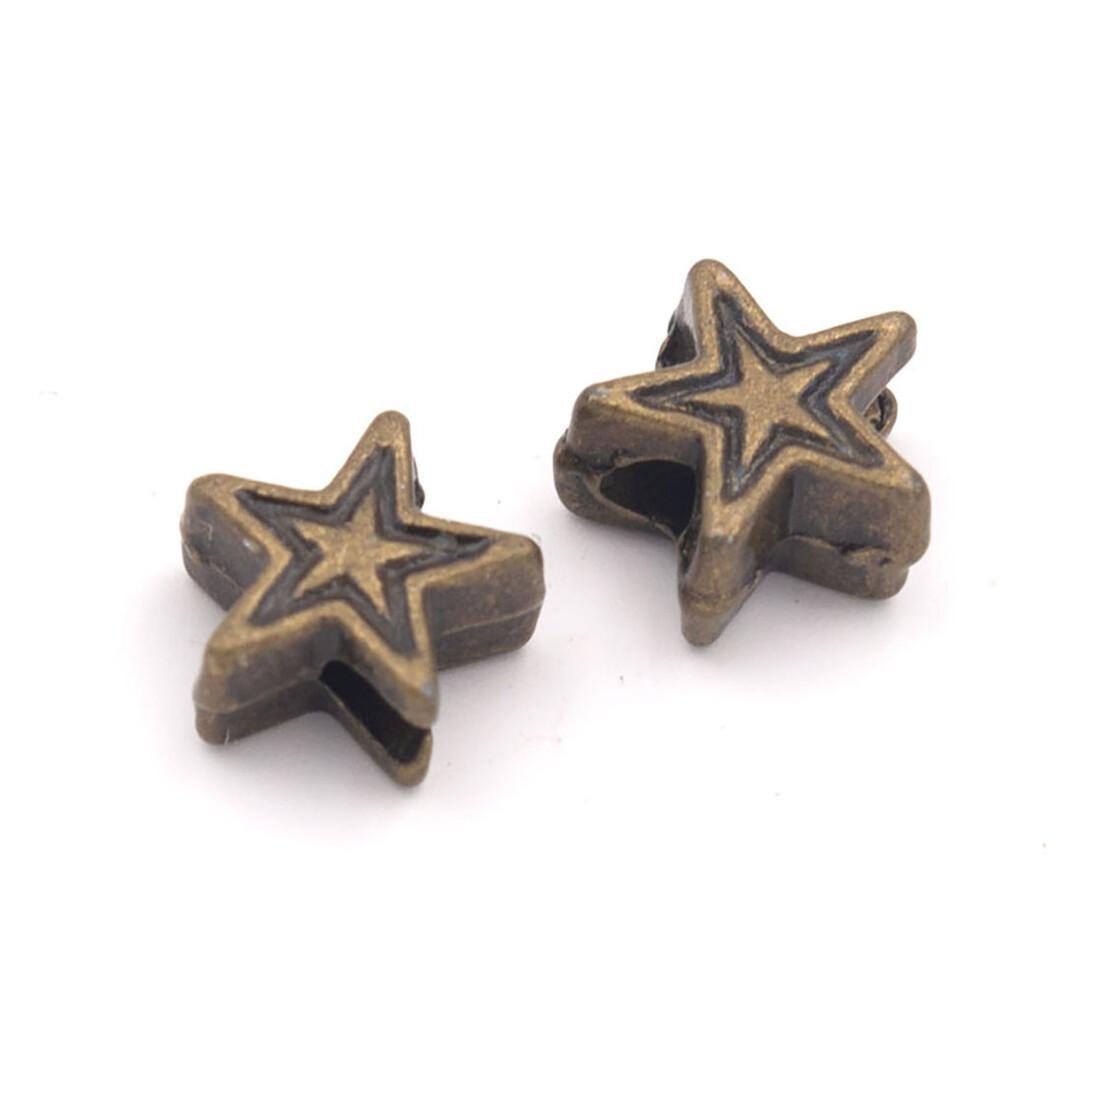 Zwischenperlen als Stern in antik silberfarben 5 mm 10 Stück von Vintageparts